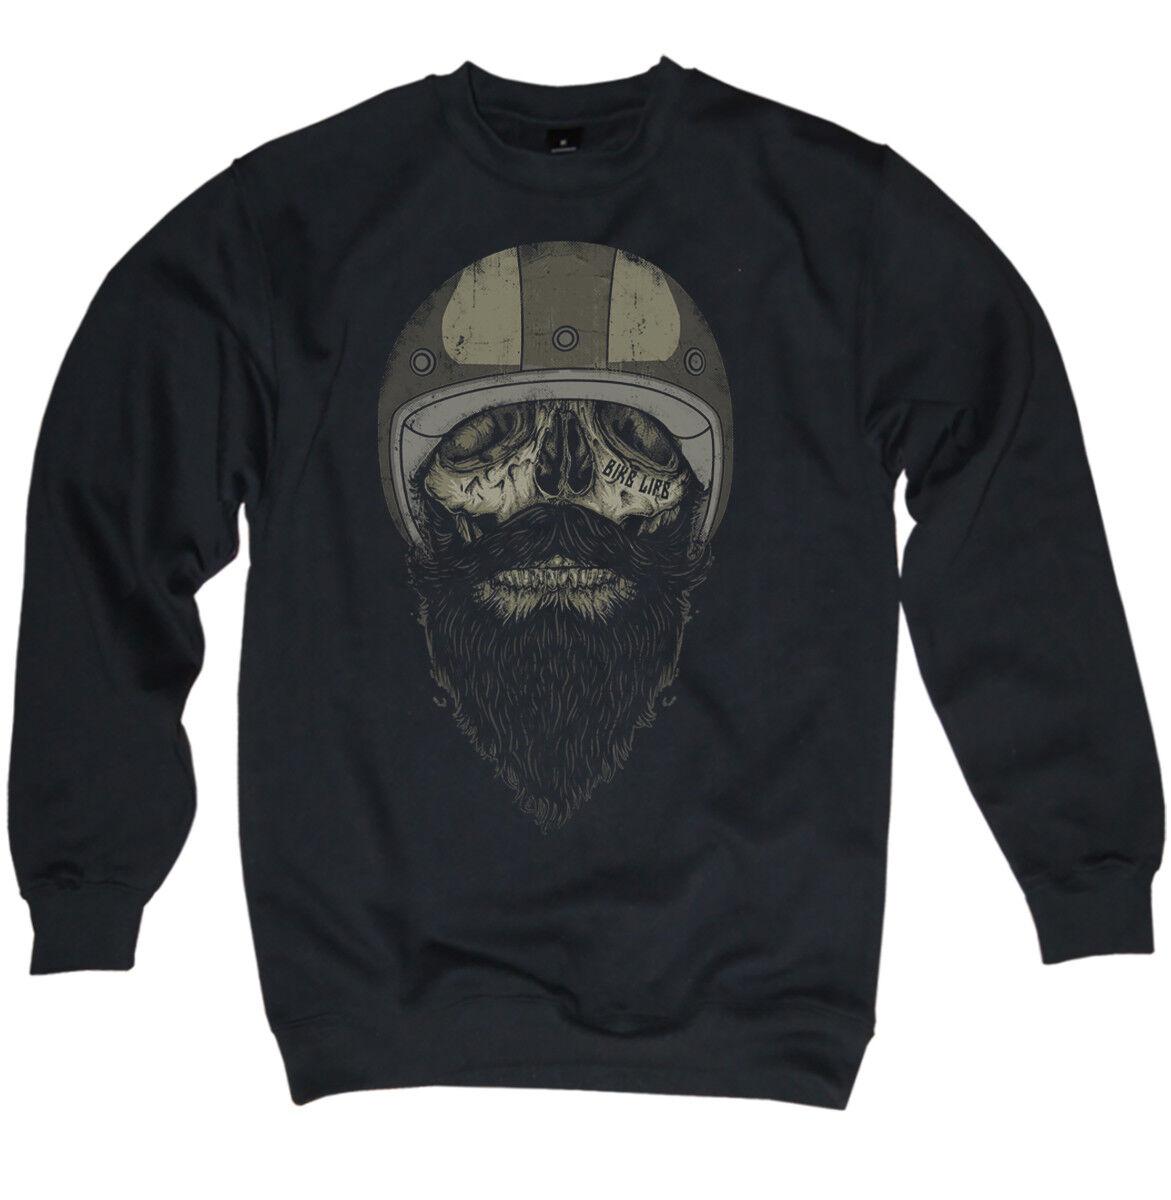 Sweater Men's Biker Skull Oldschool Beard Rider Motorcycle Mc Chopper S-XXL